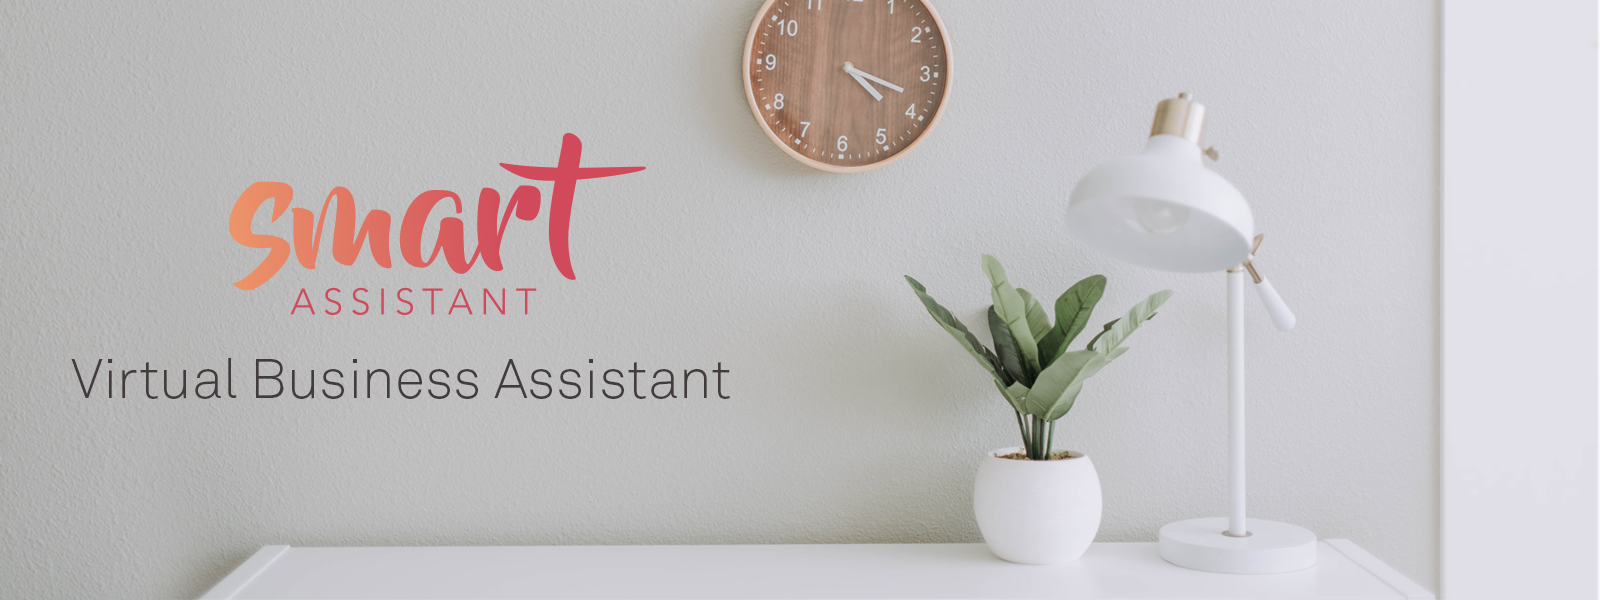 Smart Assistant Services